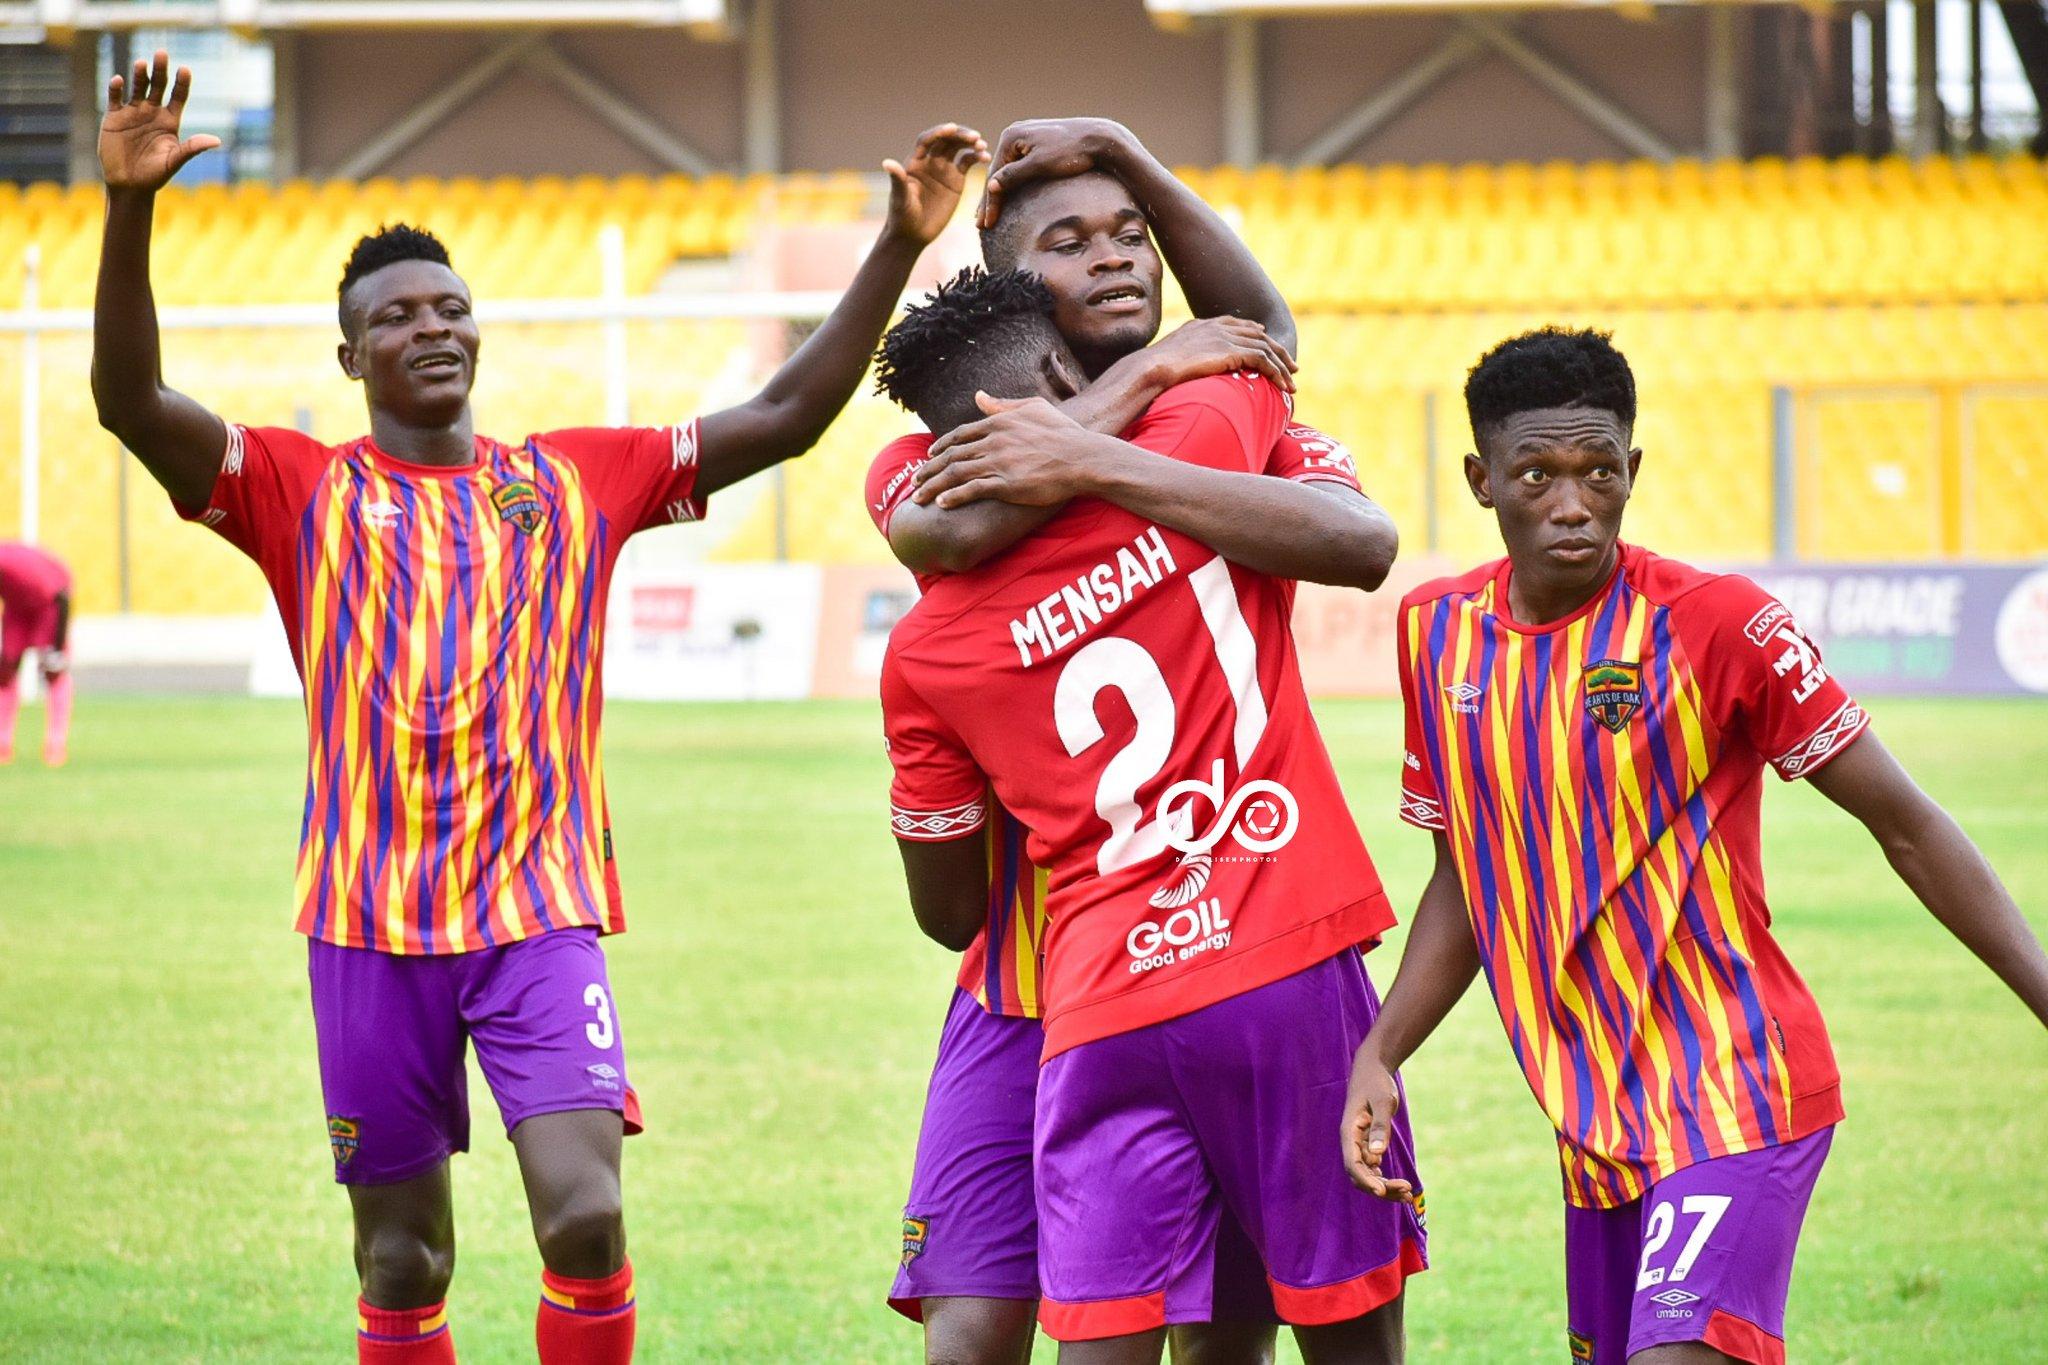 GPL Highlights: Isaac Mensah strikes again to give Hearts of Oak narrow win at Liberty